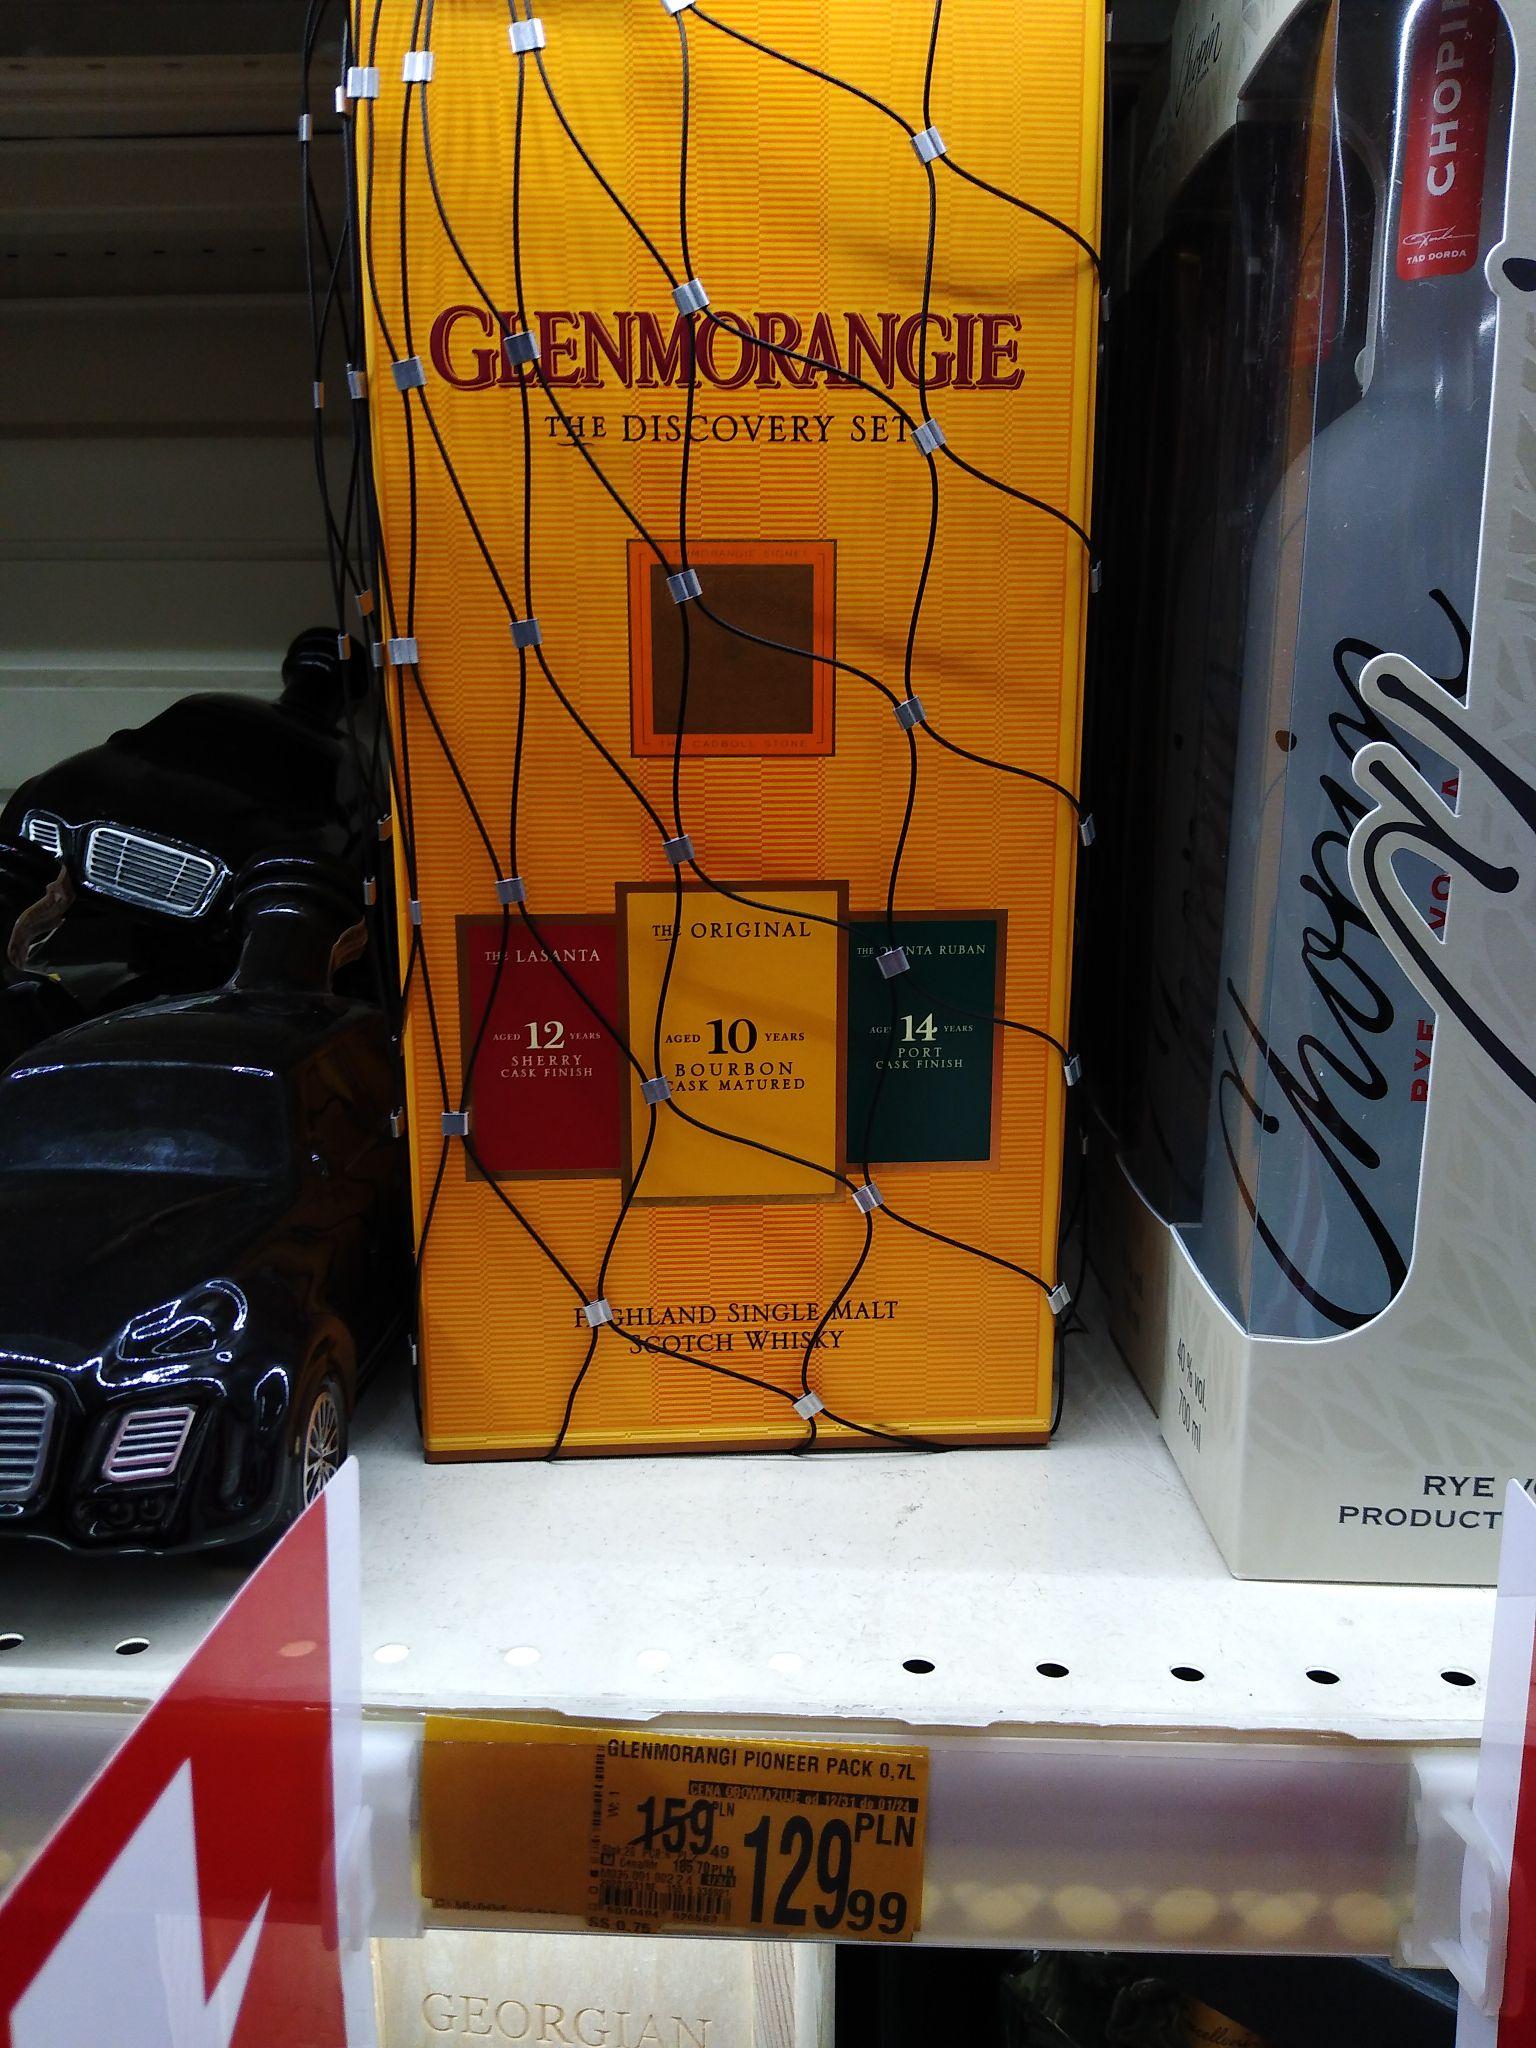 Auchan Szczecin Galaxy Glenmorangie 10YO 0,7 l + 12YO 0,05 l + 14 YO 0,05 l + karton. Plus inne alkohole.